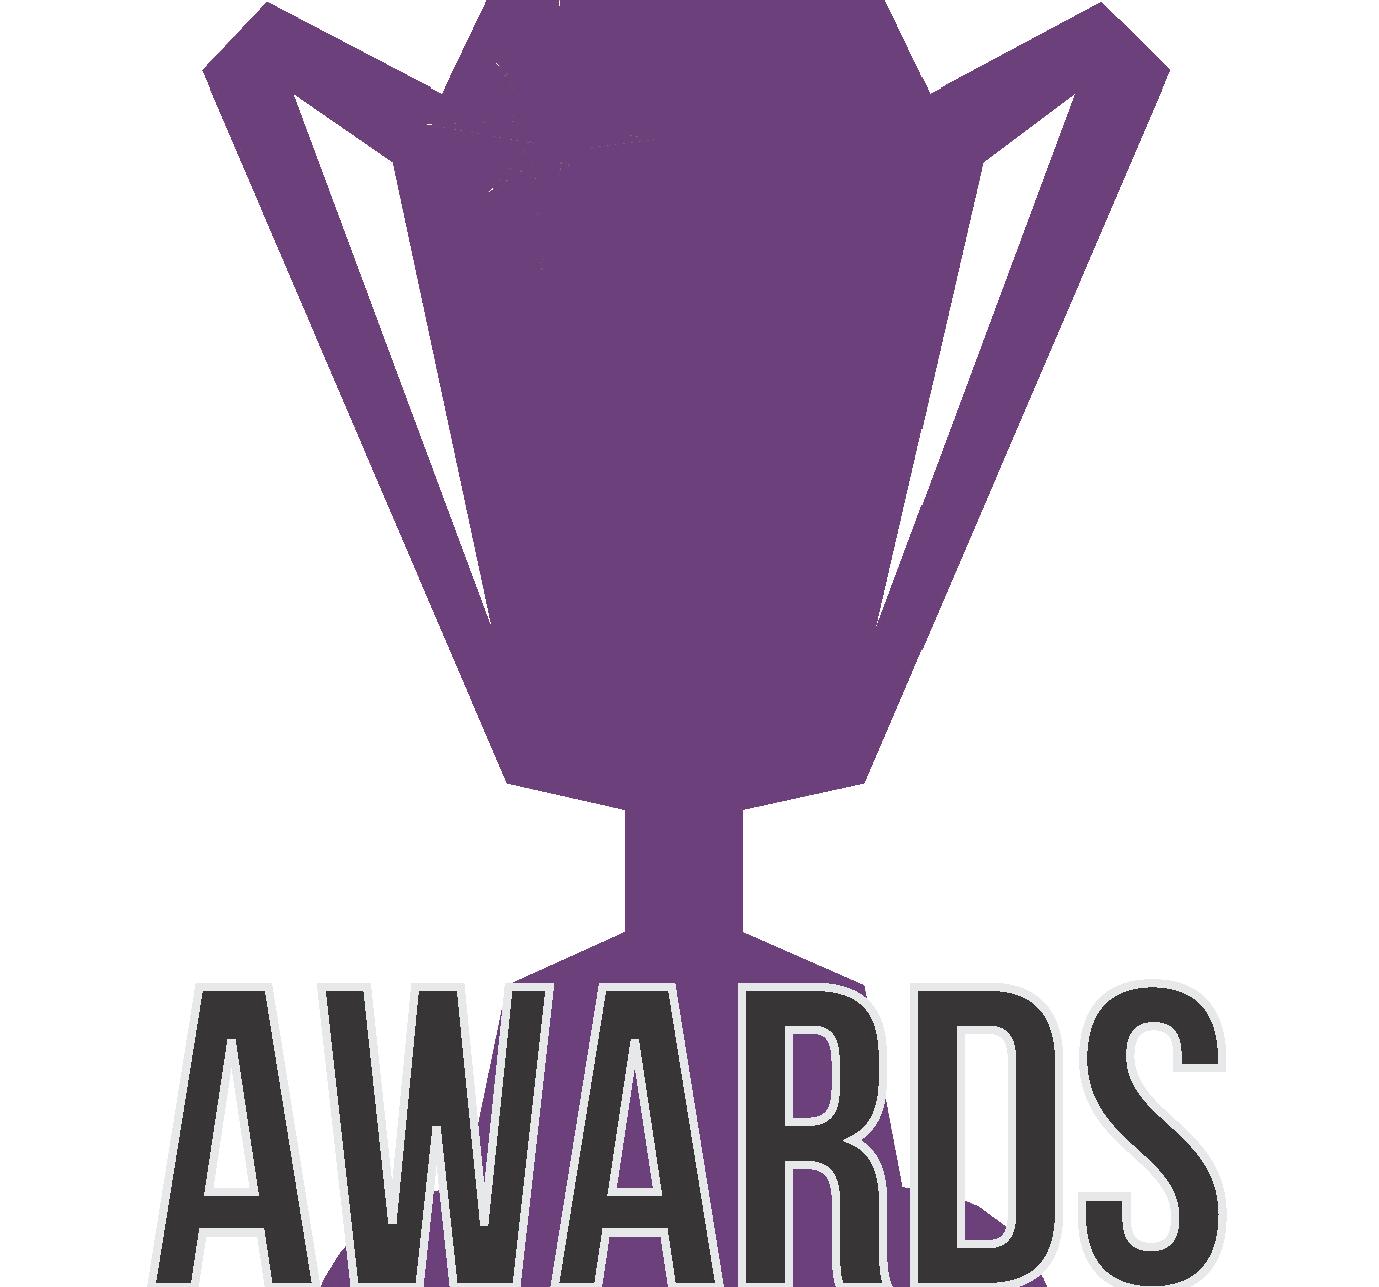 2. Awards